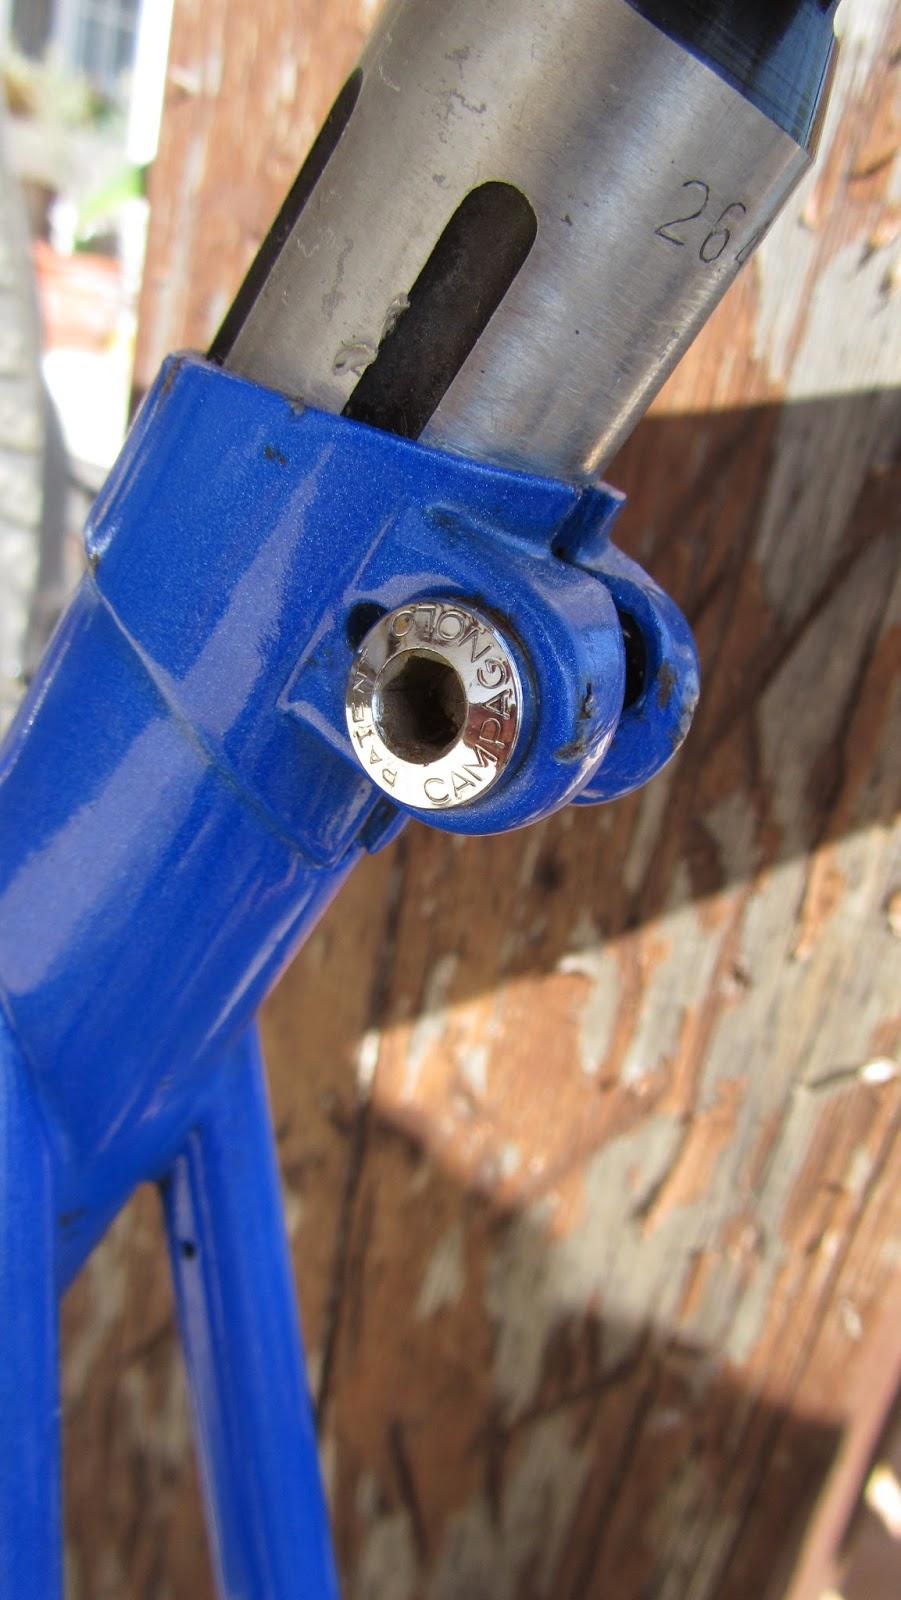 bicicleta orbea contrarreloj